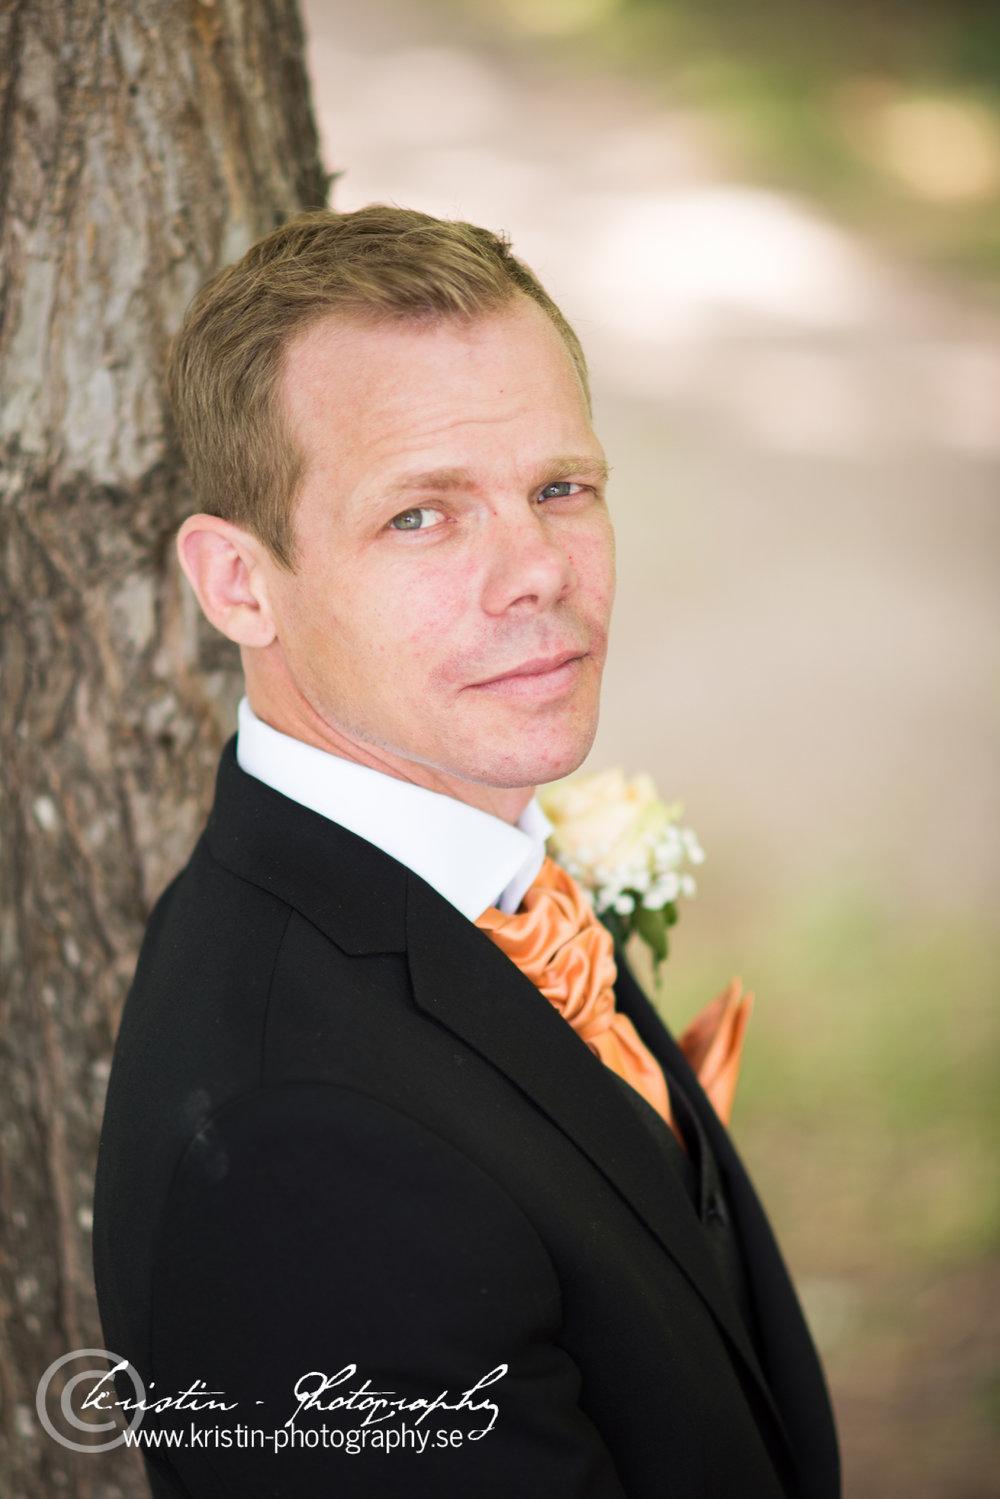 Bröllopsfotograf i Eskilstuna, Kristin - Photography, weddingphotographer -81.jpg